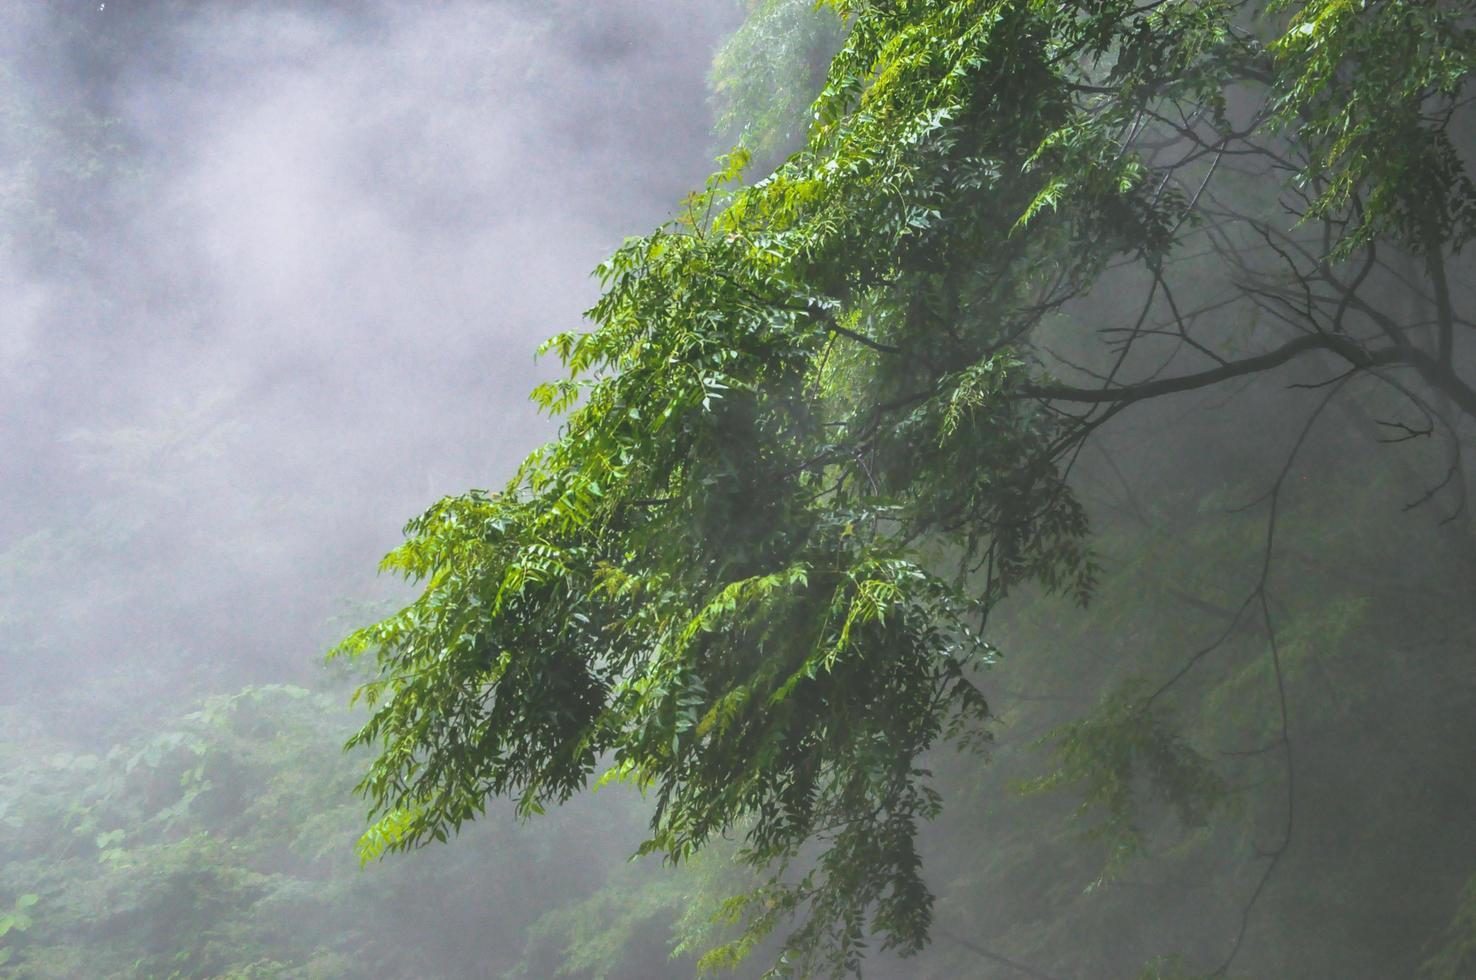 arbres à feuilles vertes couvertes de brouillard photo